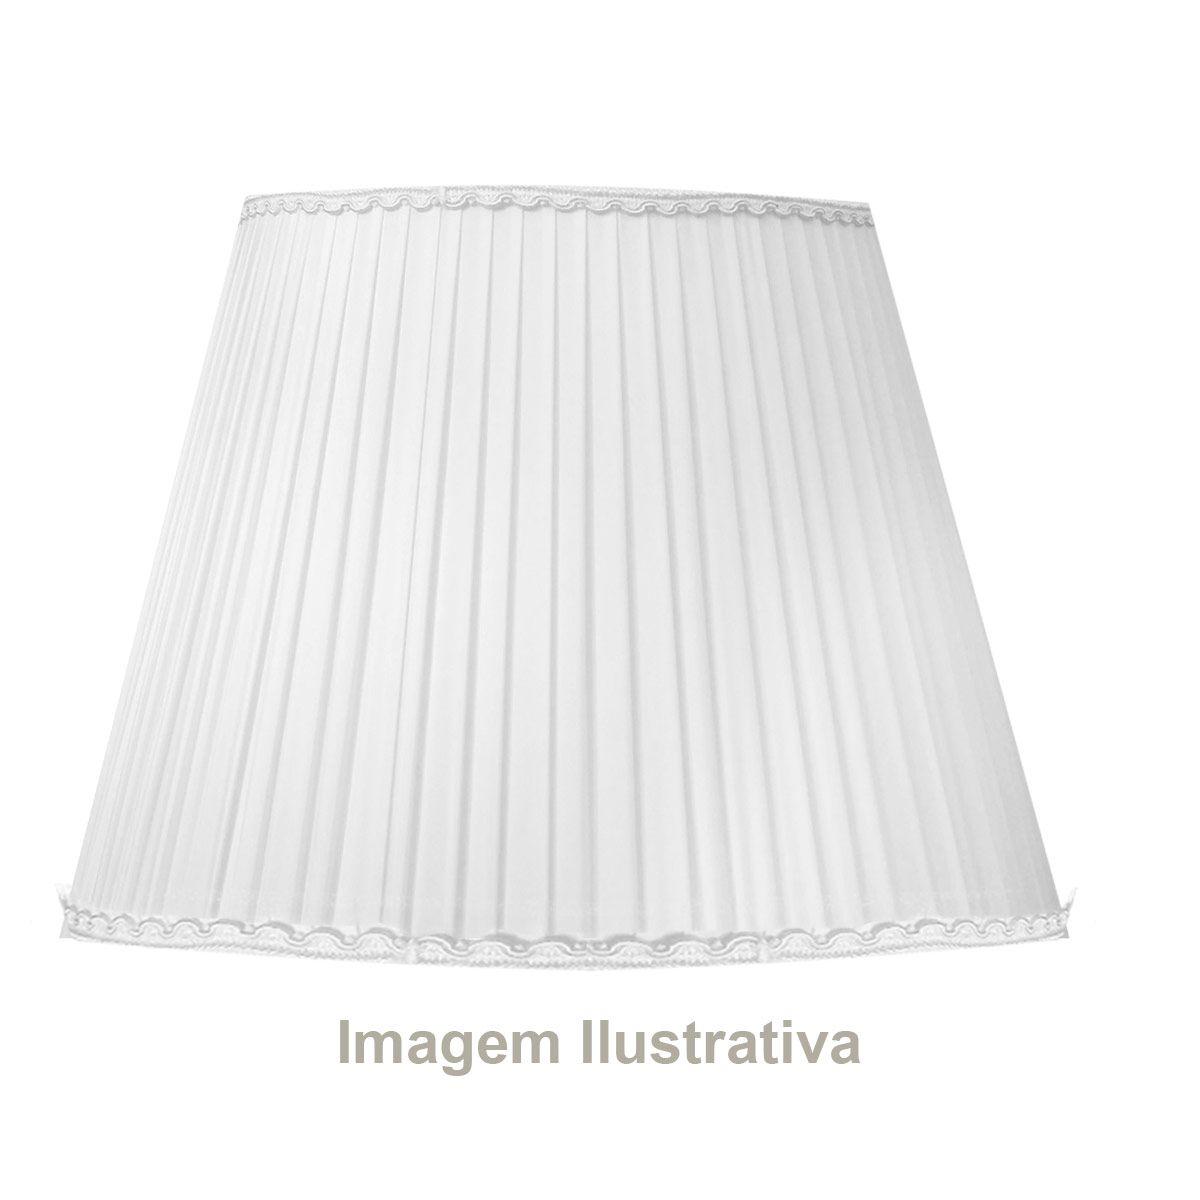 Abajur de Mesa em Cristal 513 47 cm com Cúpula Branca